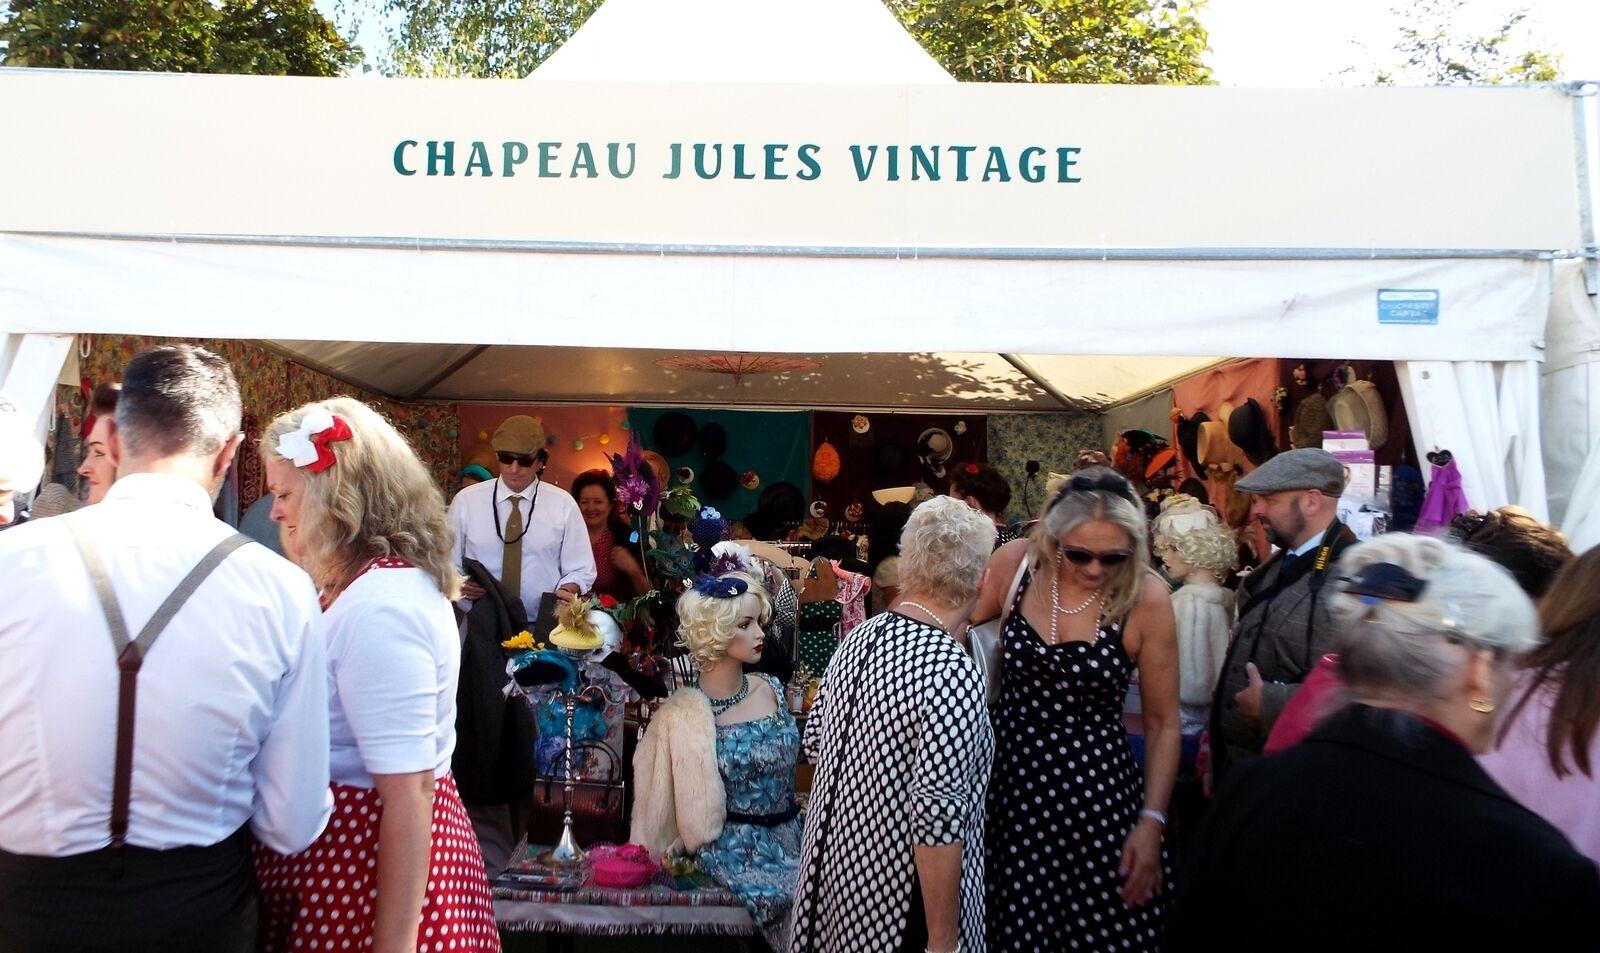 Chapeau Jules Vintage